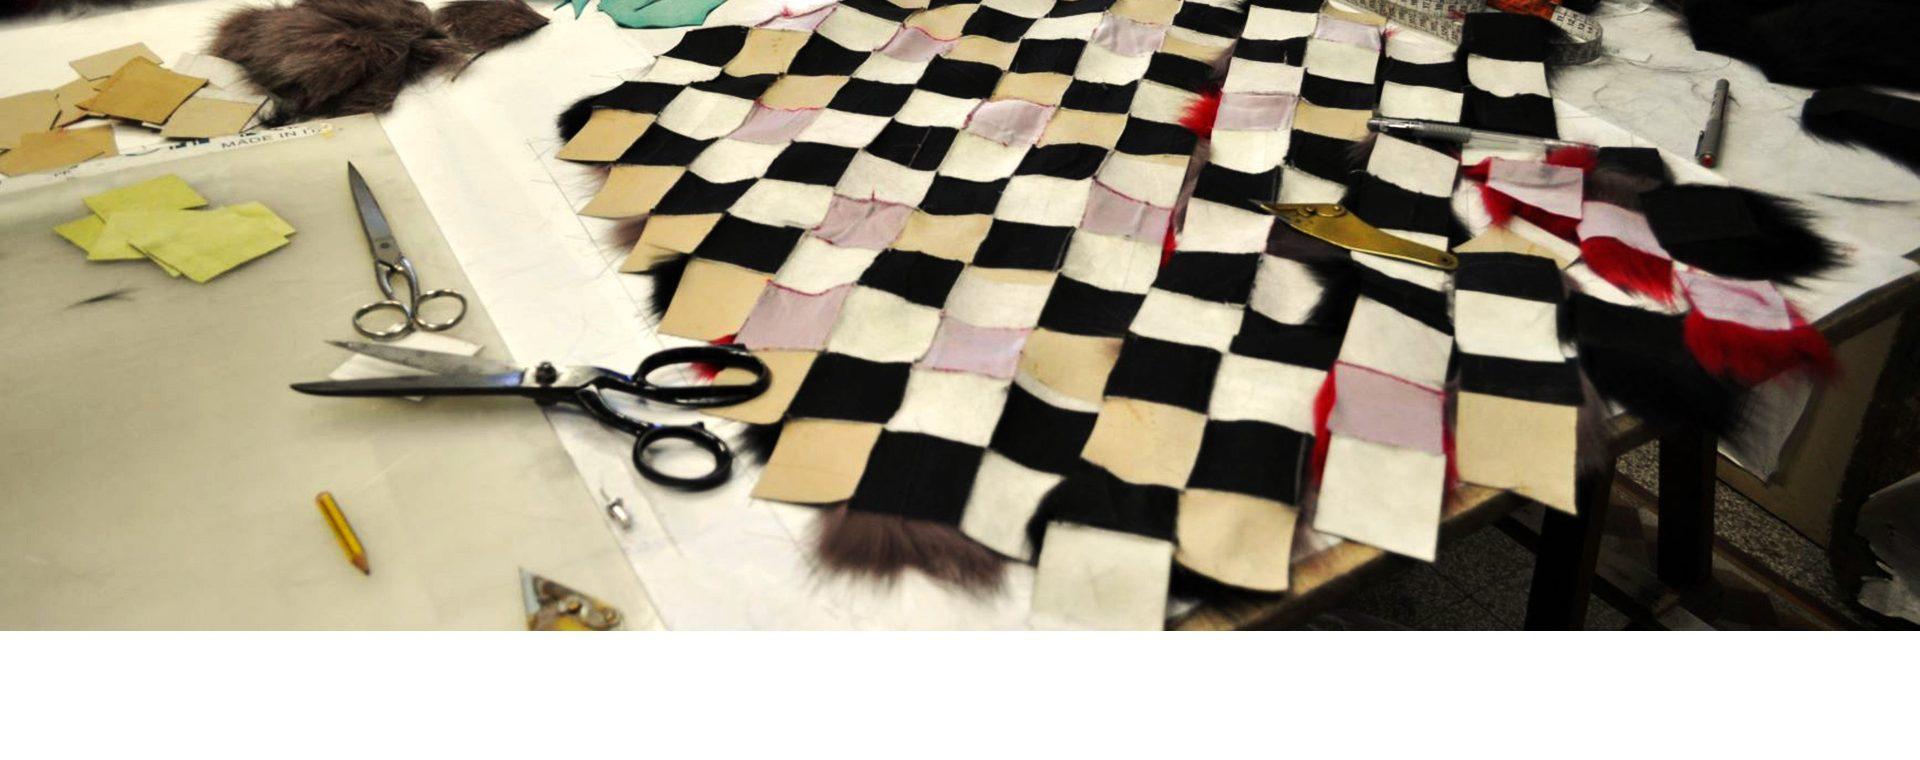 riparazione pellicce